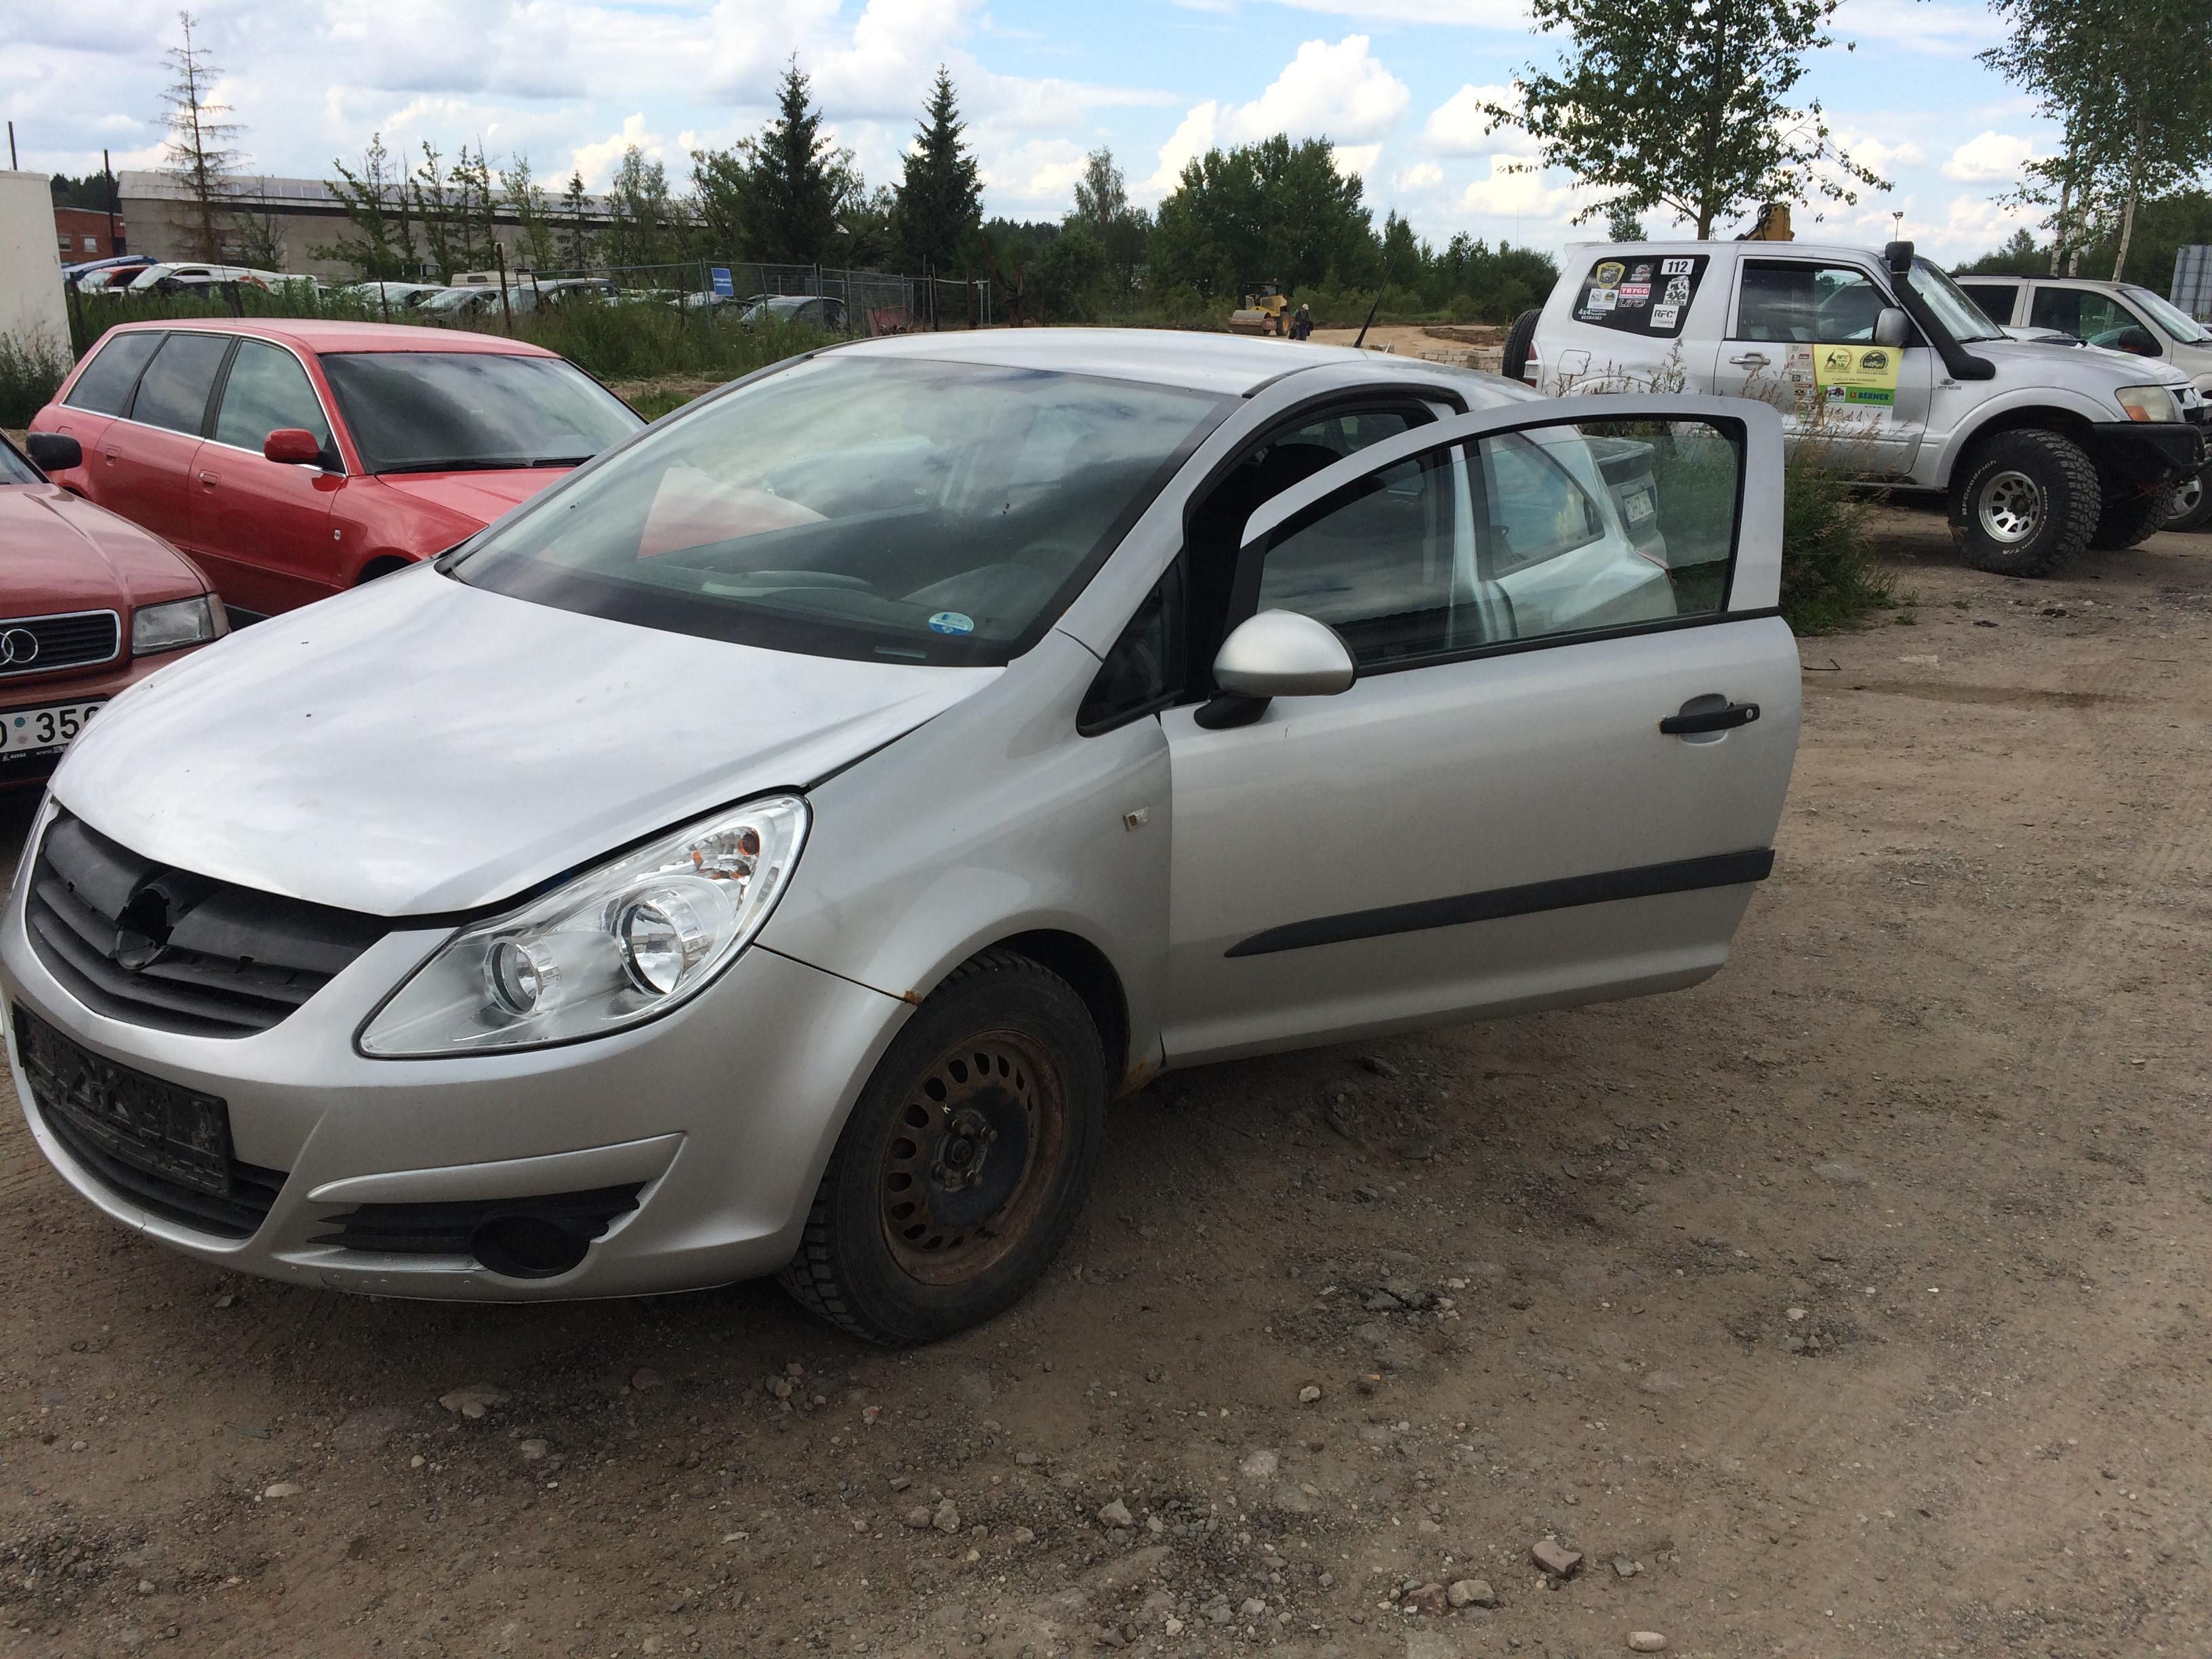 Подержанные Автозапчасти Foto 3 Opel CORSA 2008 1.3 машиностроение хэтчбэк 2/3 d. Серый 2018-7-11 A3933